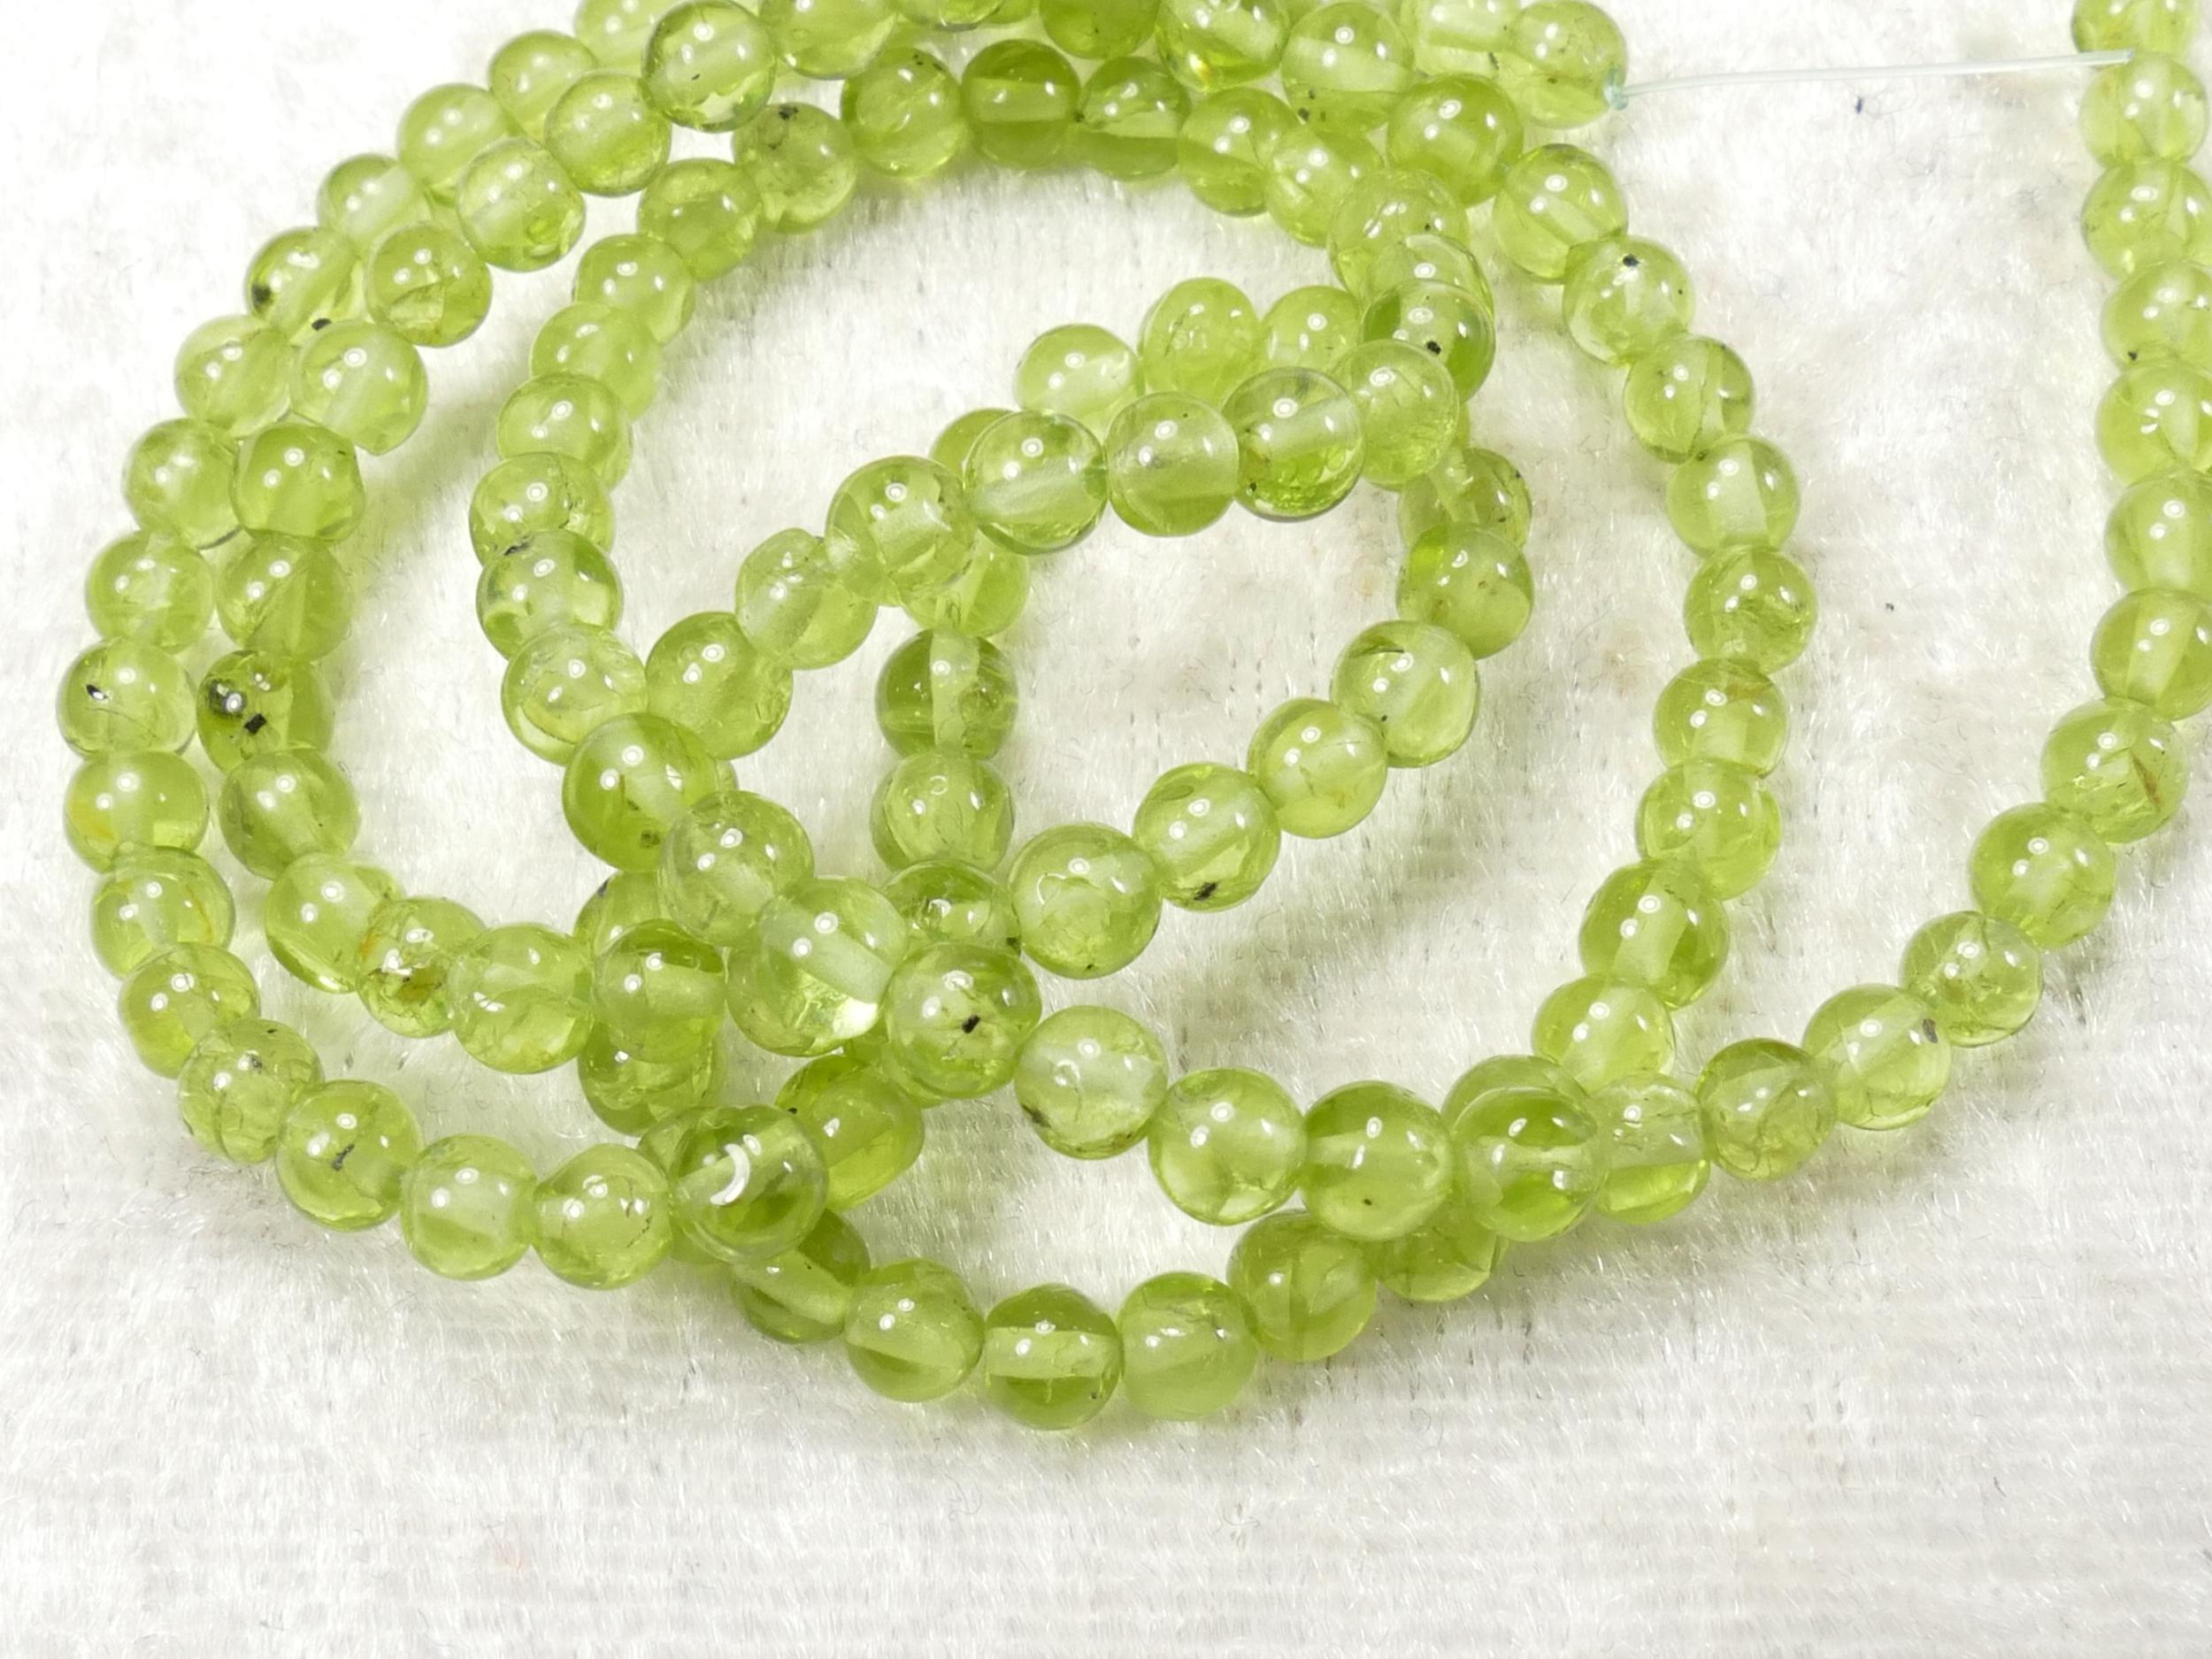 3.5/4mm Perles de Péridot naturel du Pakistan en boule lisse Olivine verte x17cm (6.7in) (#AC334)